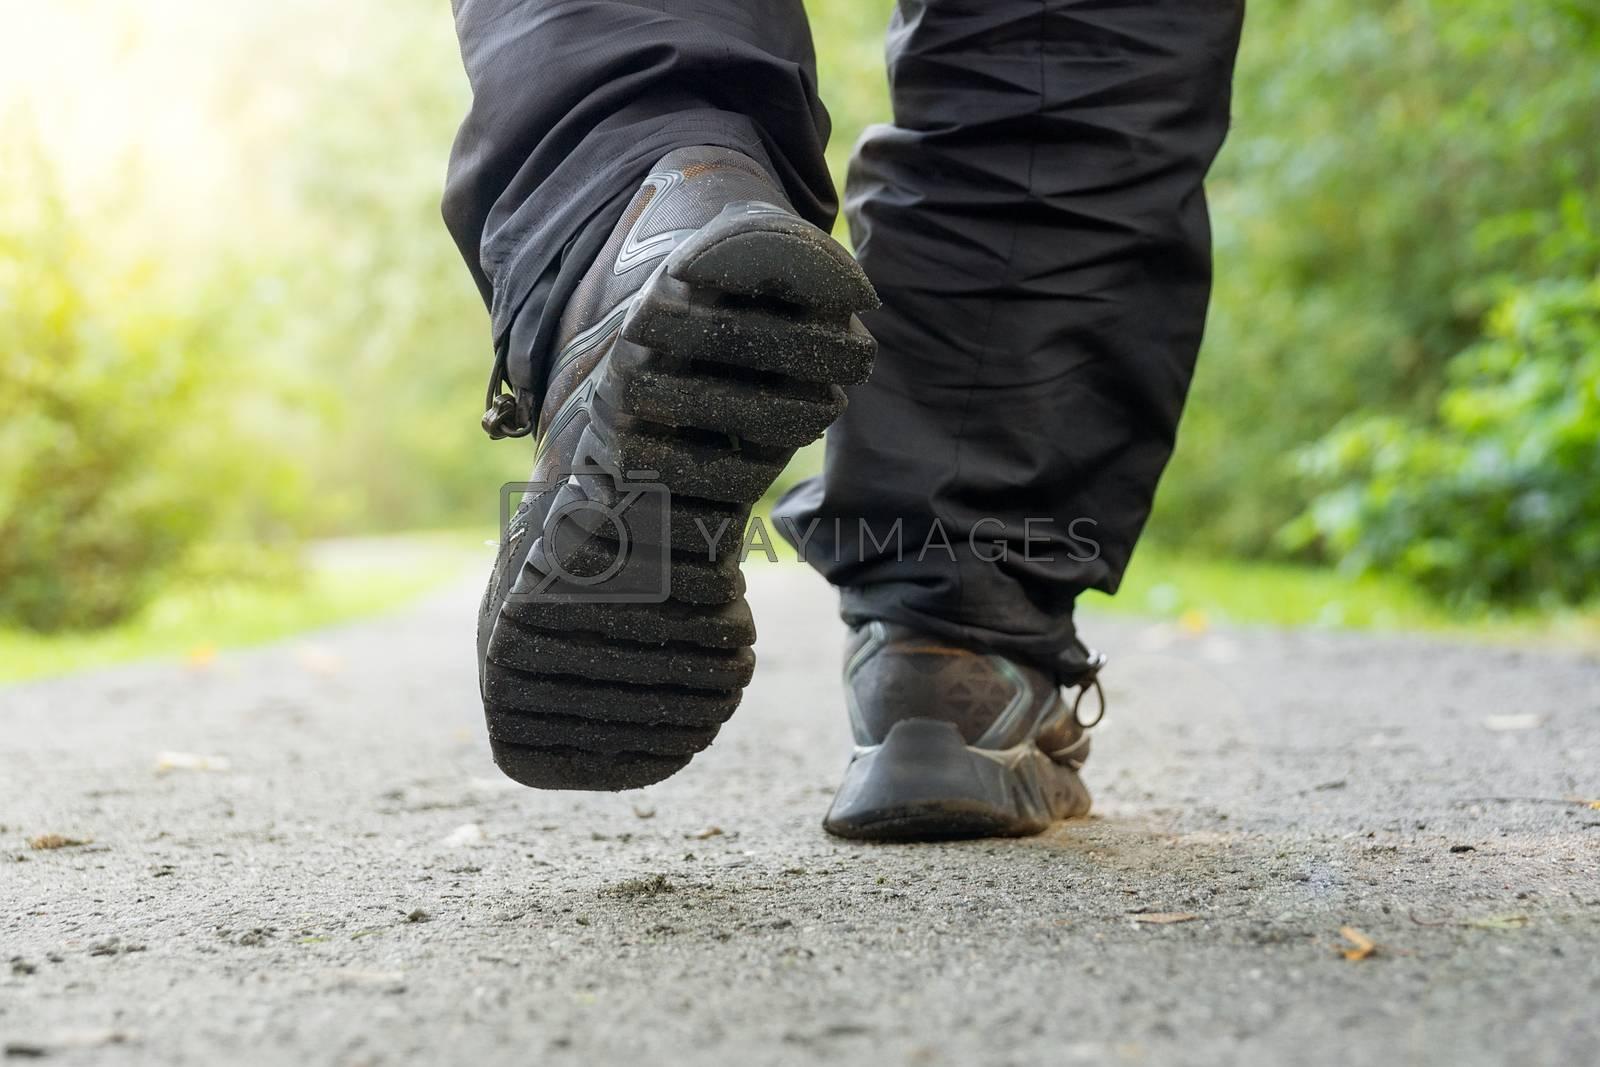 athlete runs around the park, running, sneakers, summer, autumn